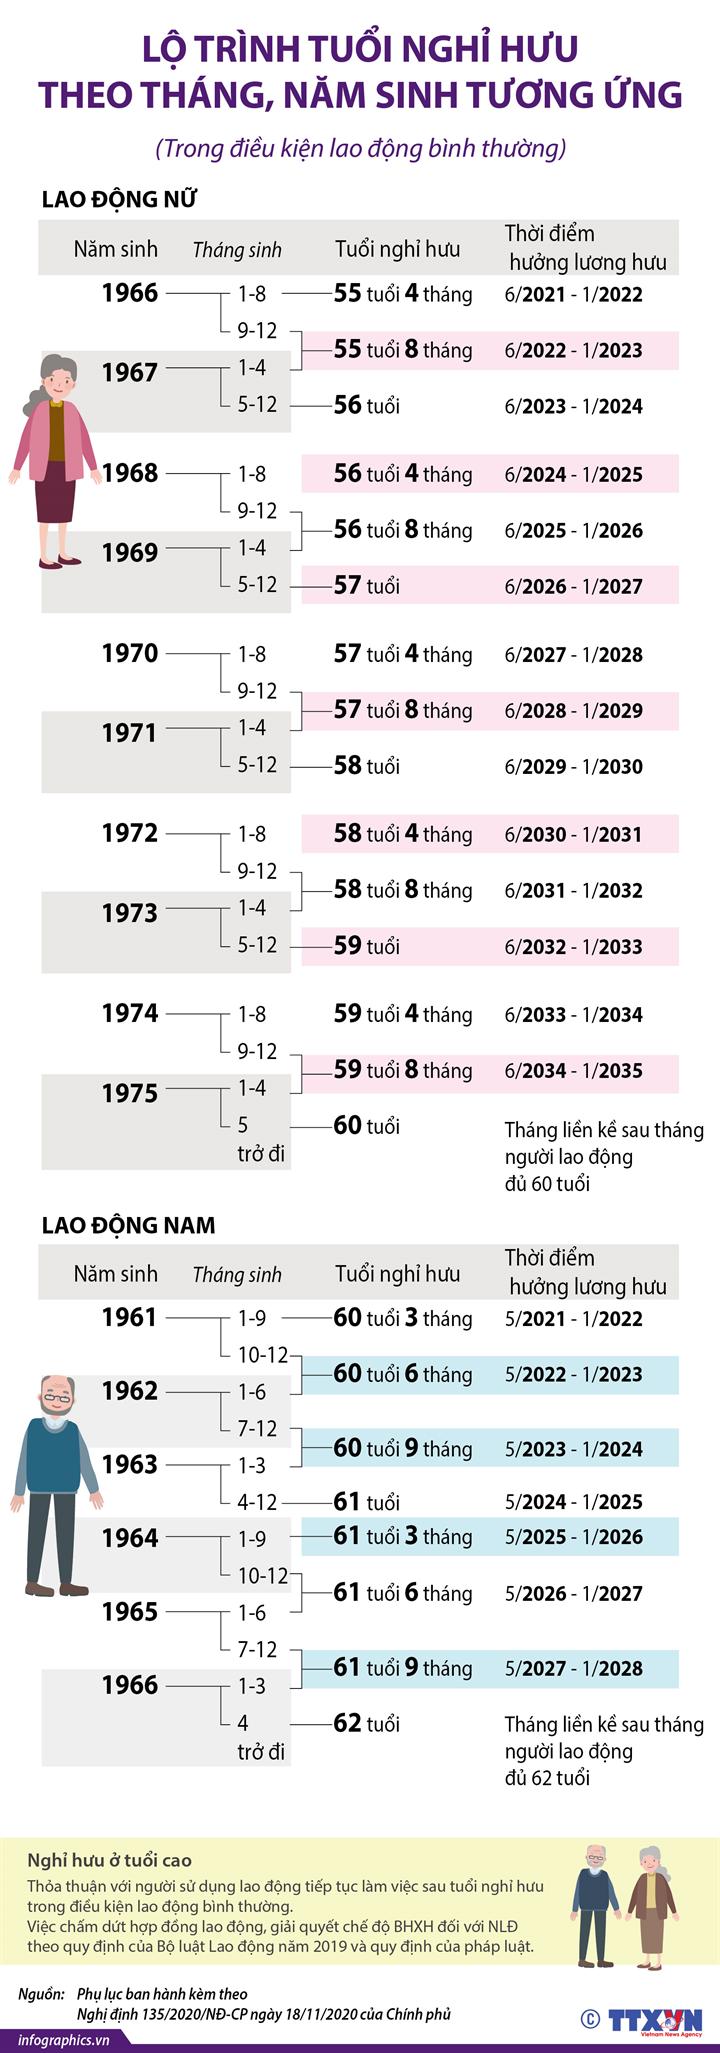 Lộ trình tuổi nghỉ hưu theo tháng, năm sinh tương ứng (Trong điều kiện lao động bình thường)